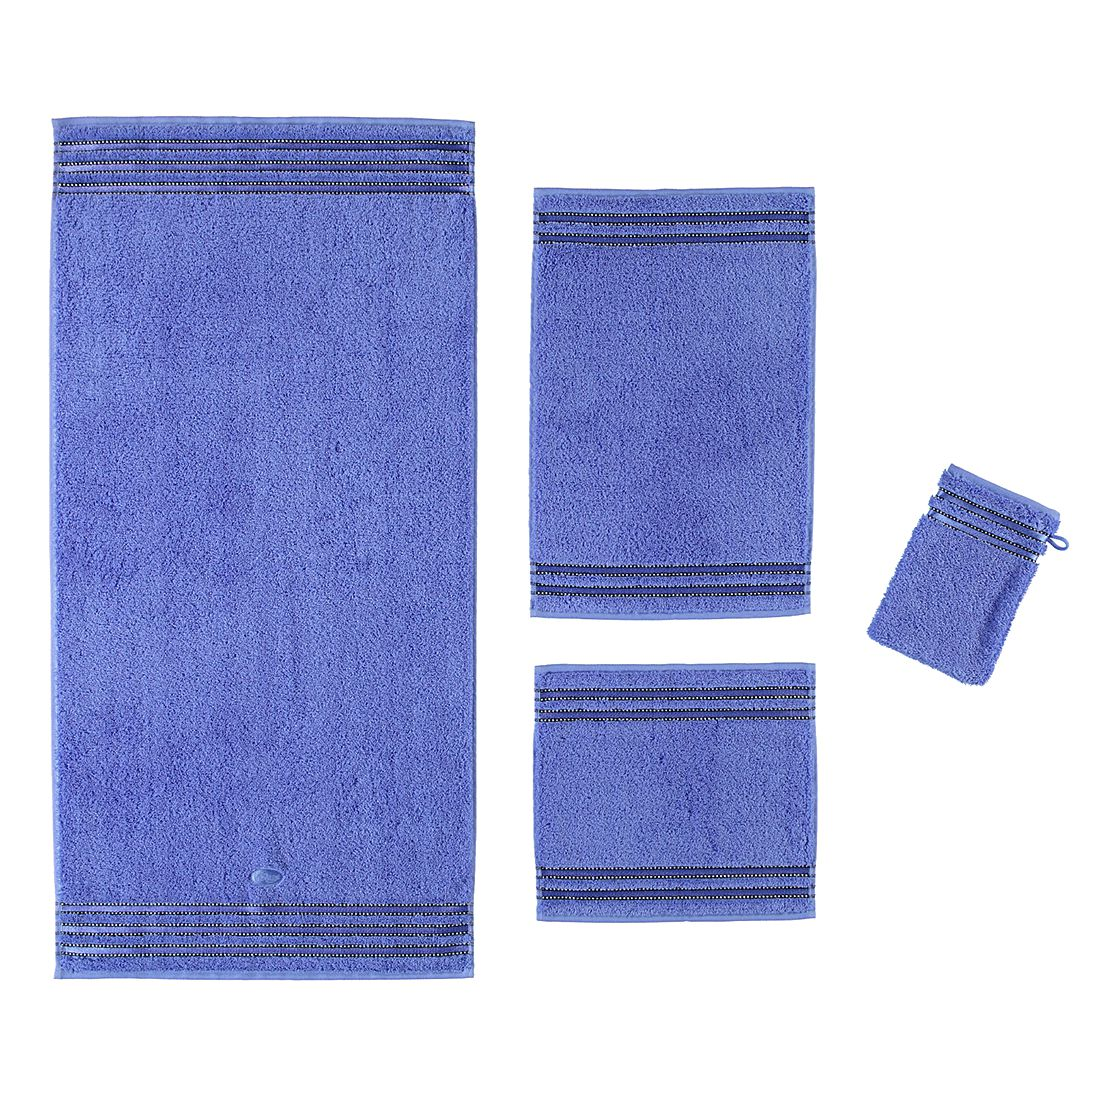 Handtücher Cult de Luxe – Baumwolle – Kornblume – Gästetuch 30×50 cm, Vossen günstig online kaufen